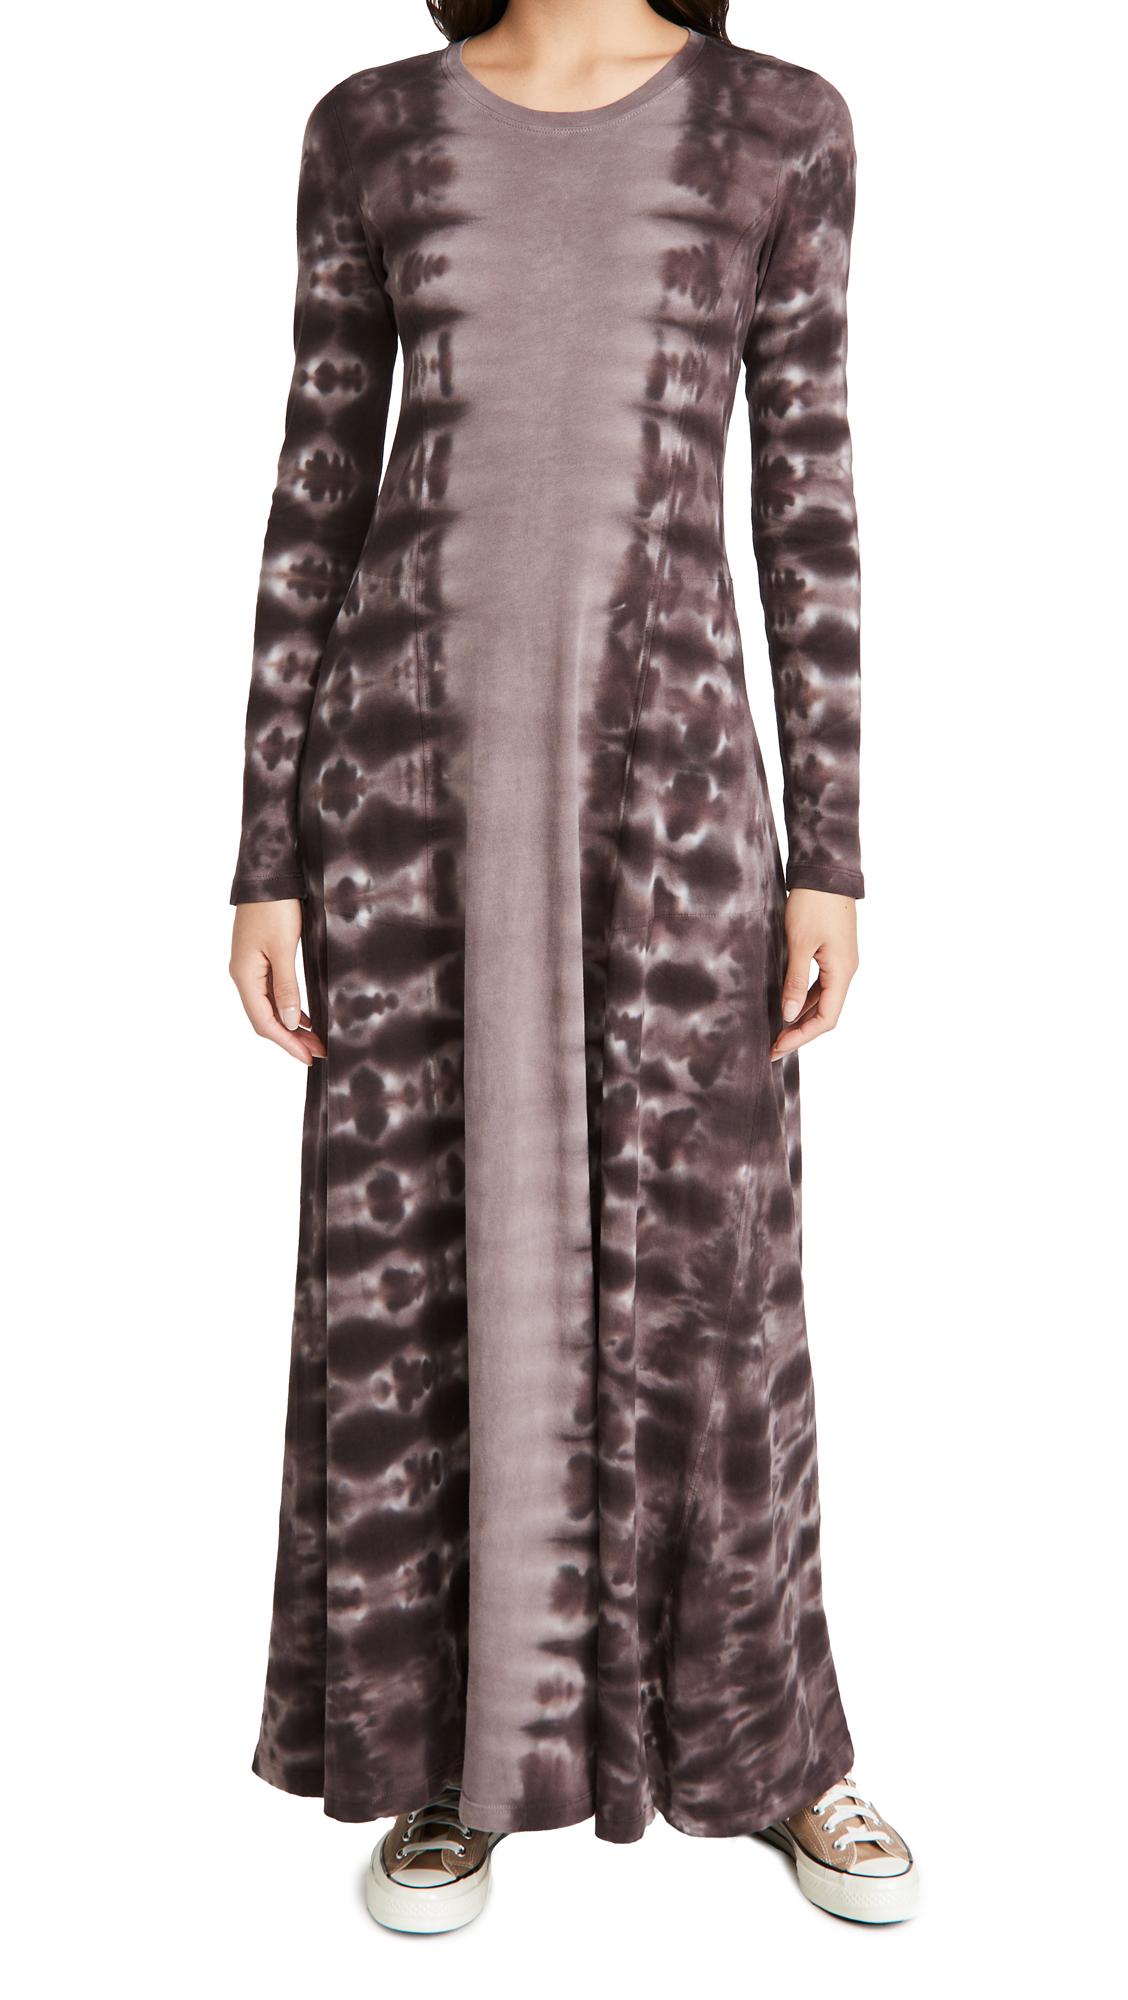 Raquel Allegra Rhea Tie Dye Dress